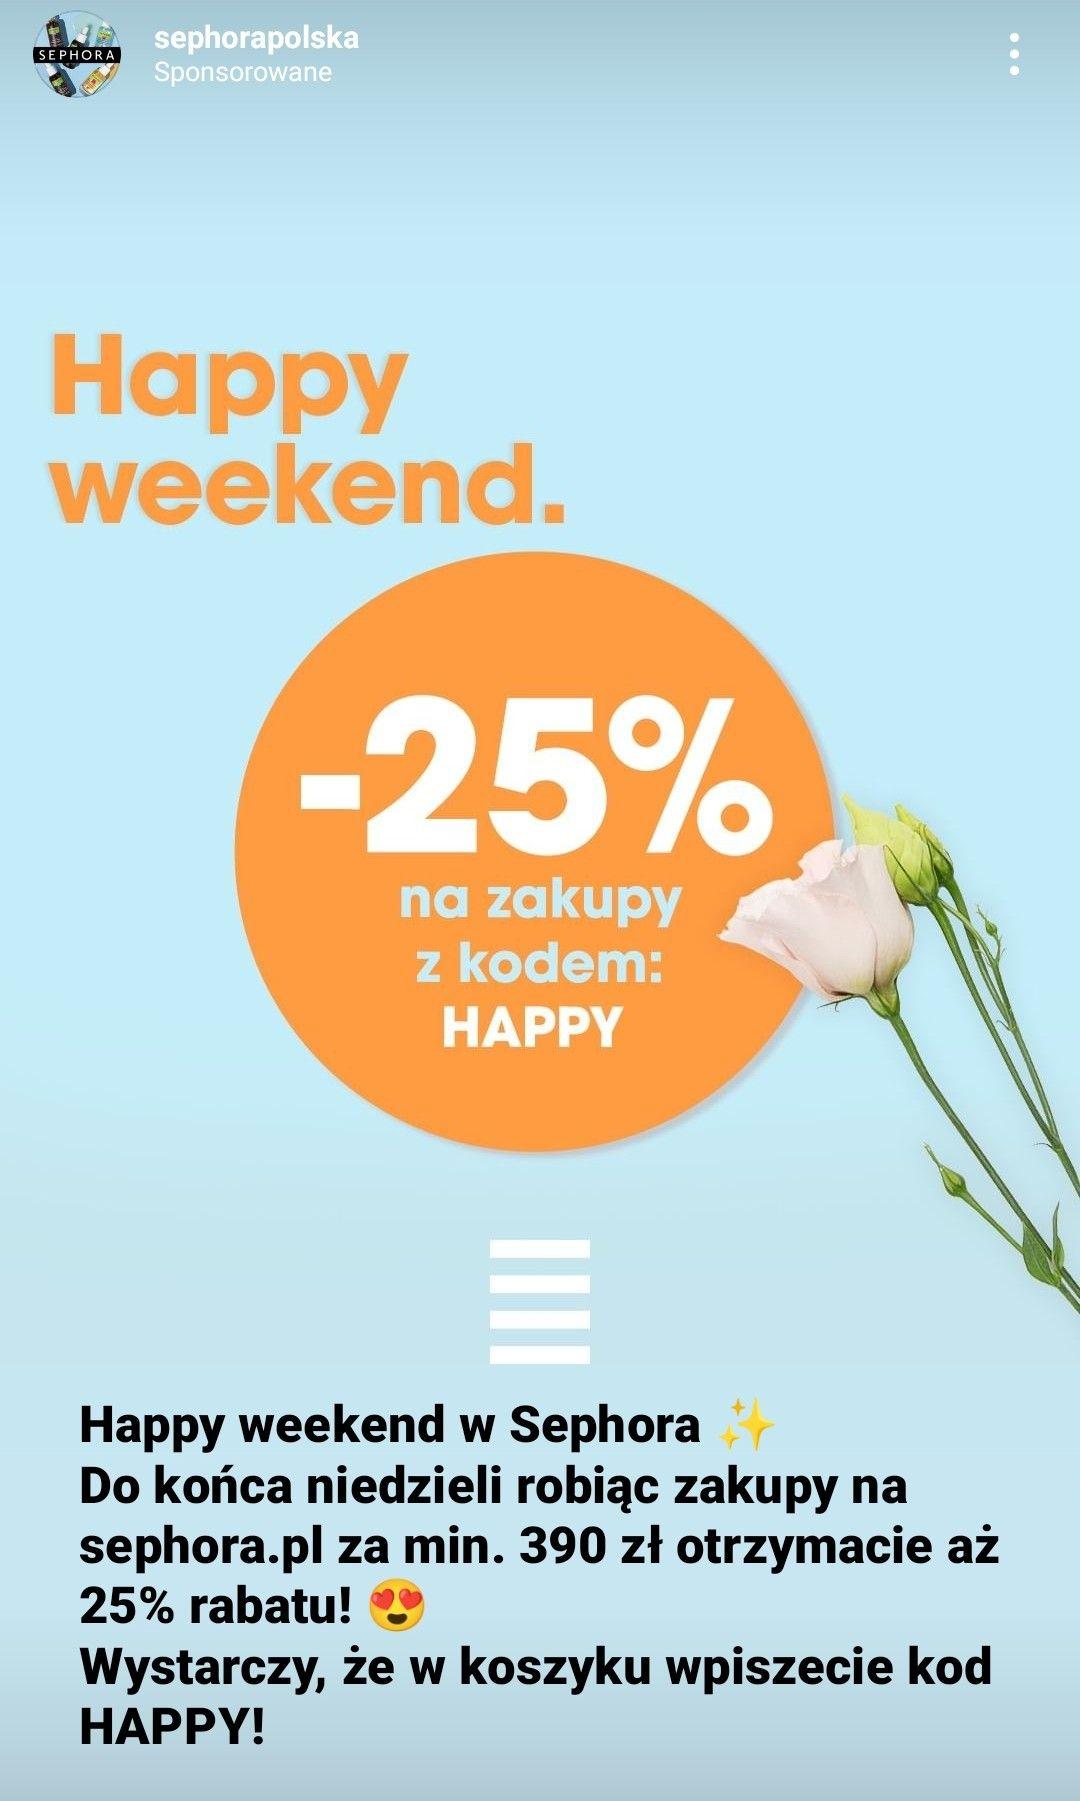 -25% z kodem HAPPY przy zakupie za min 390zl